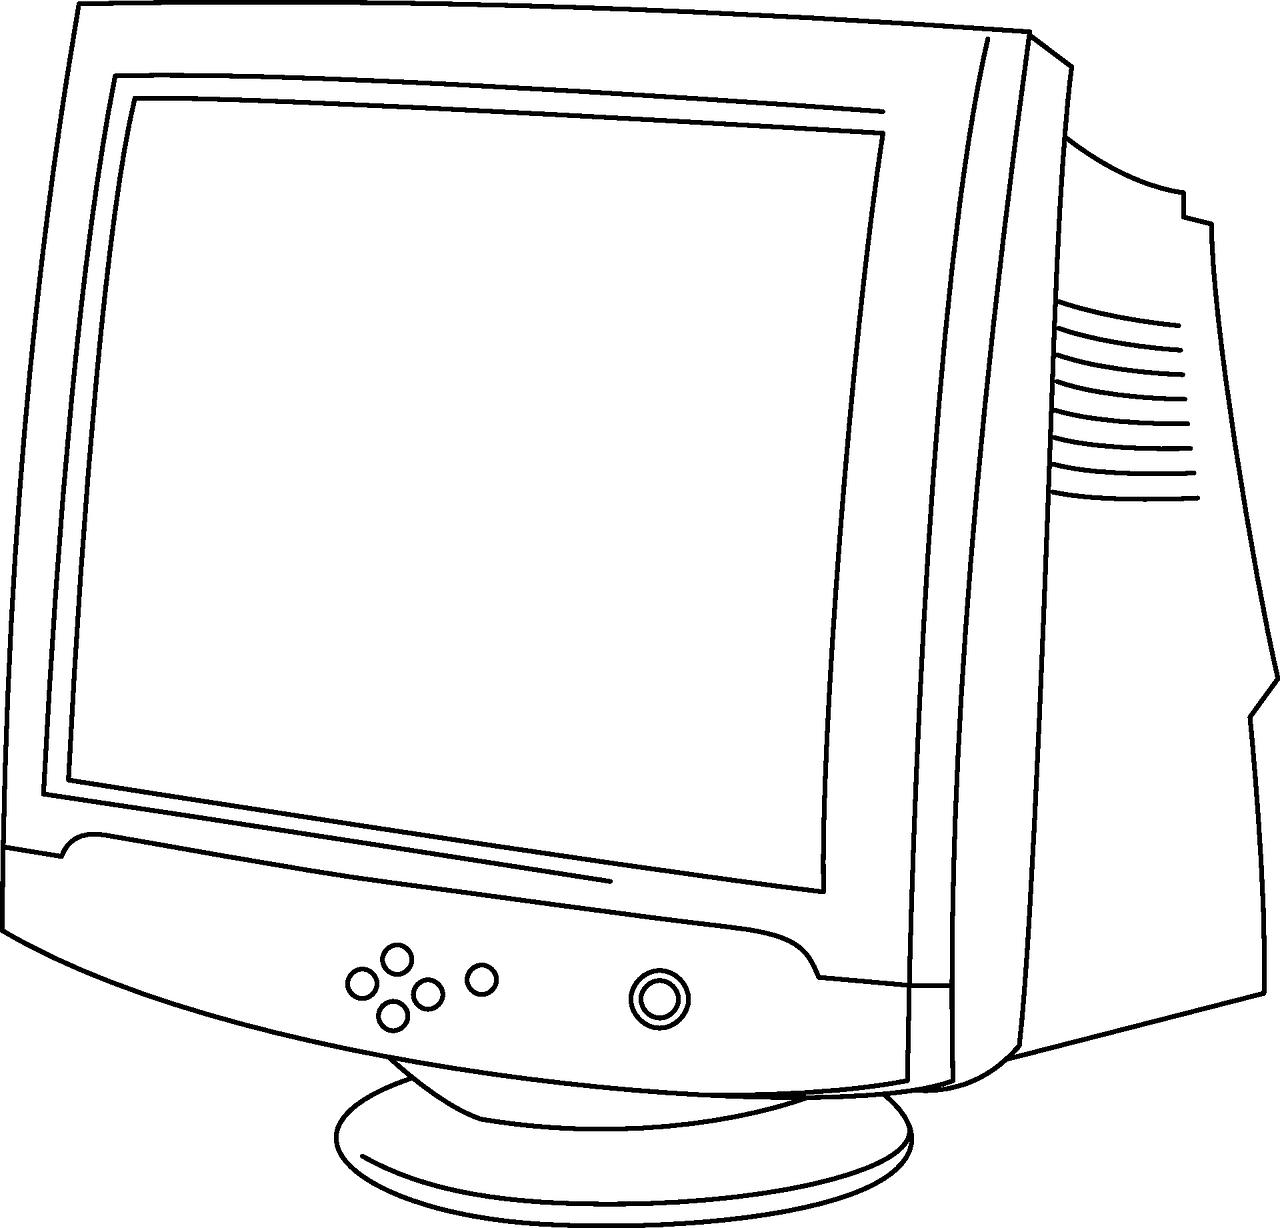 Раскраска экран компьютера